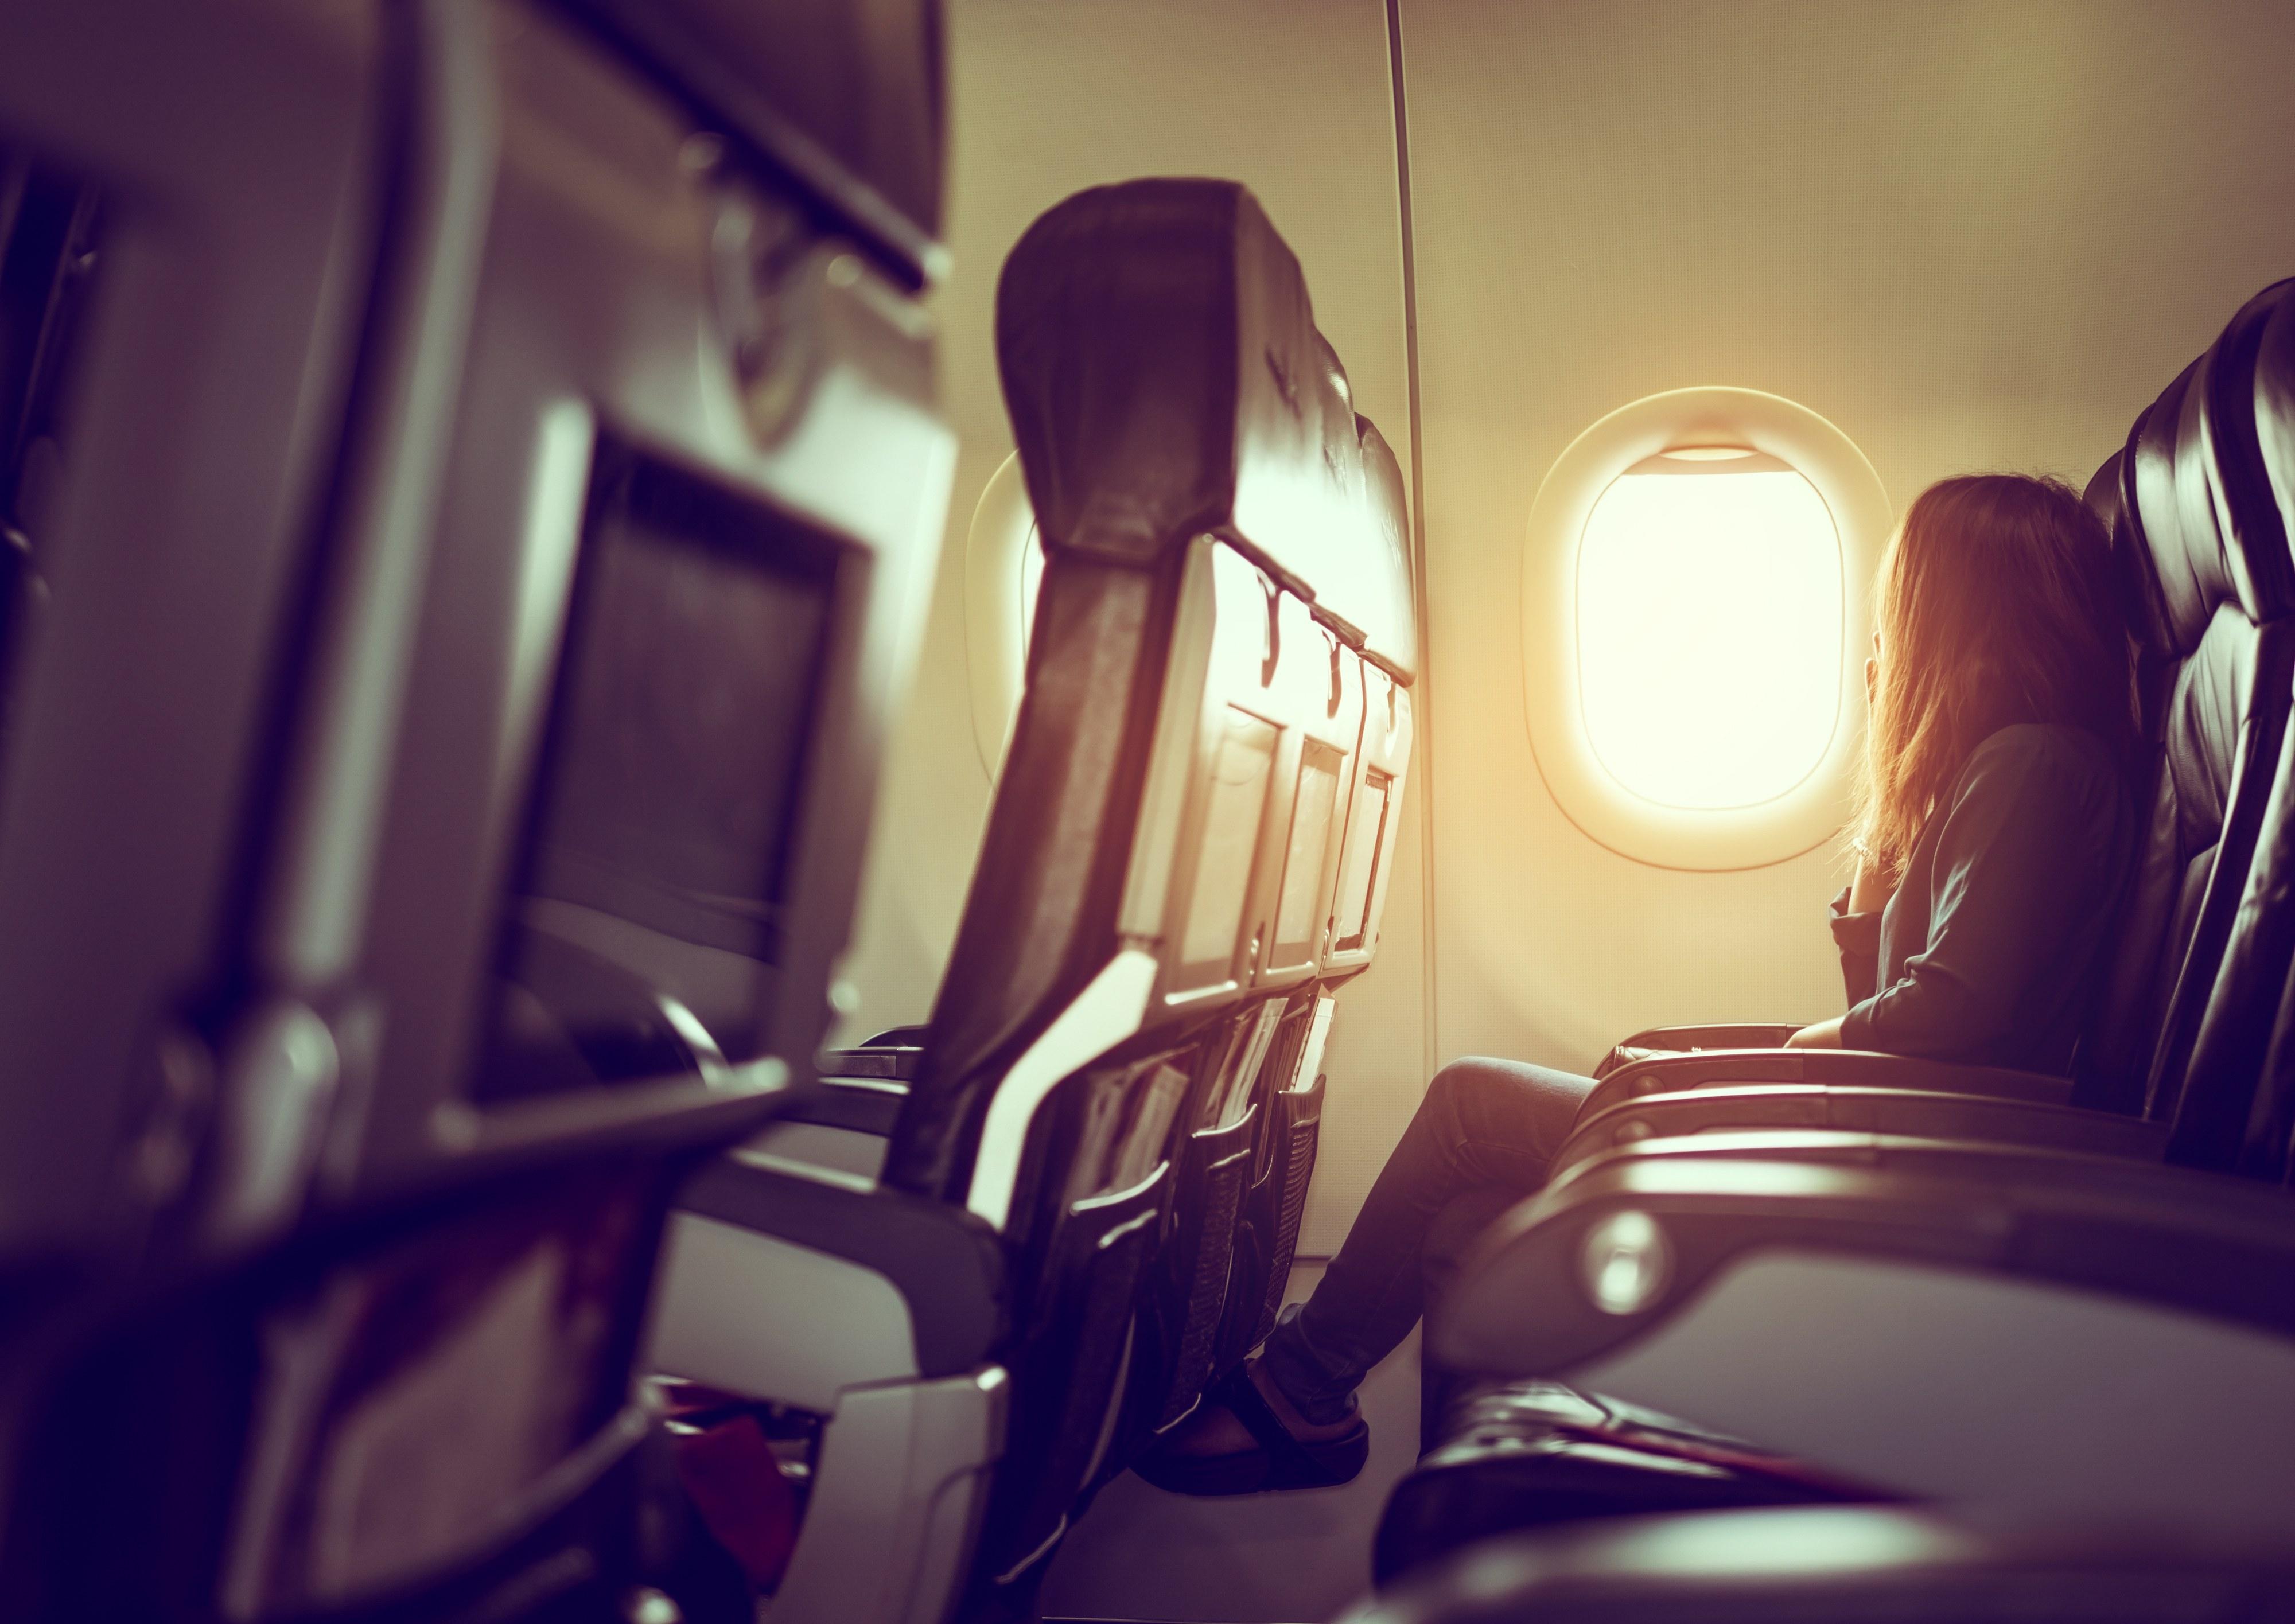 isolamento social em avião